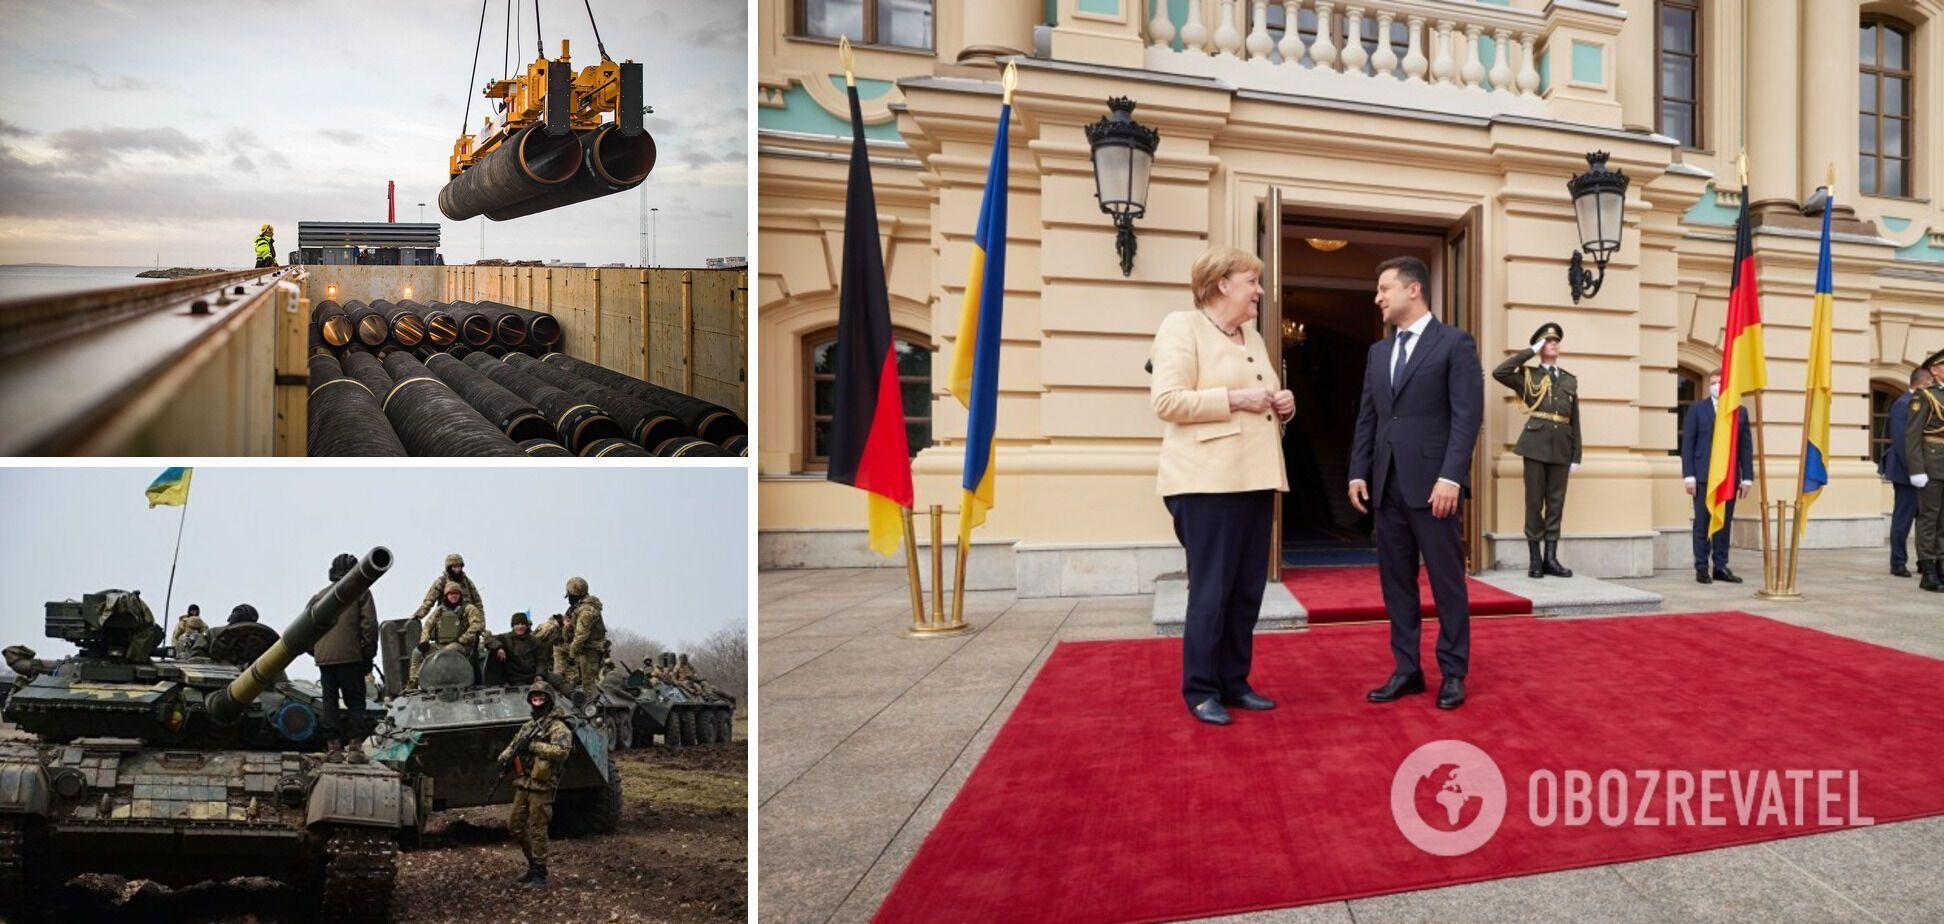 Танці навколо Путіна: що Меркель пообіцяла Зеленському і чим пригрозила РФ. Головні тези переговорів у Києві